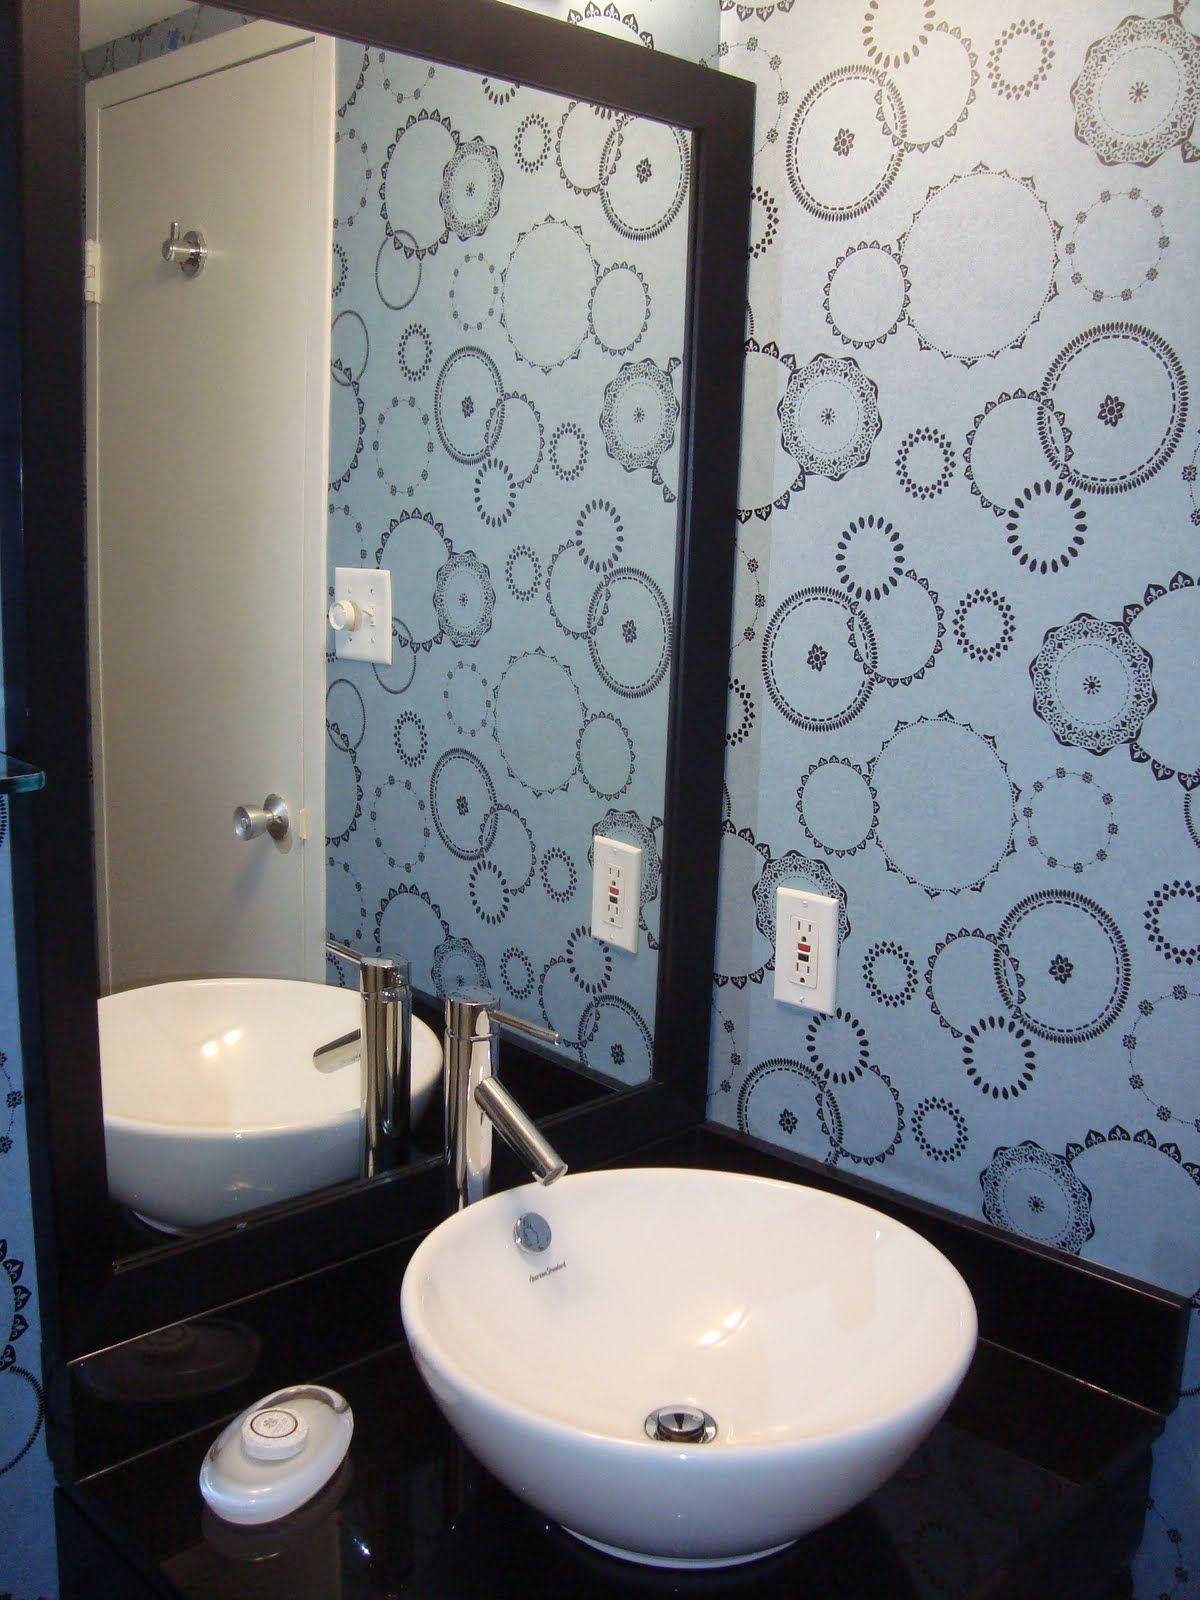 Виниловые обои в ванной Vinyl Wallpaper For Bathroom